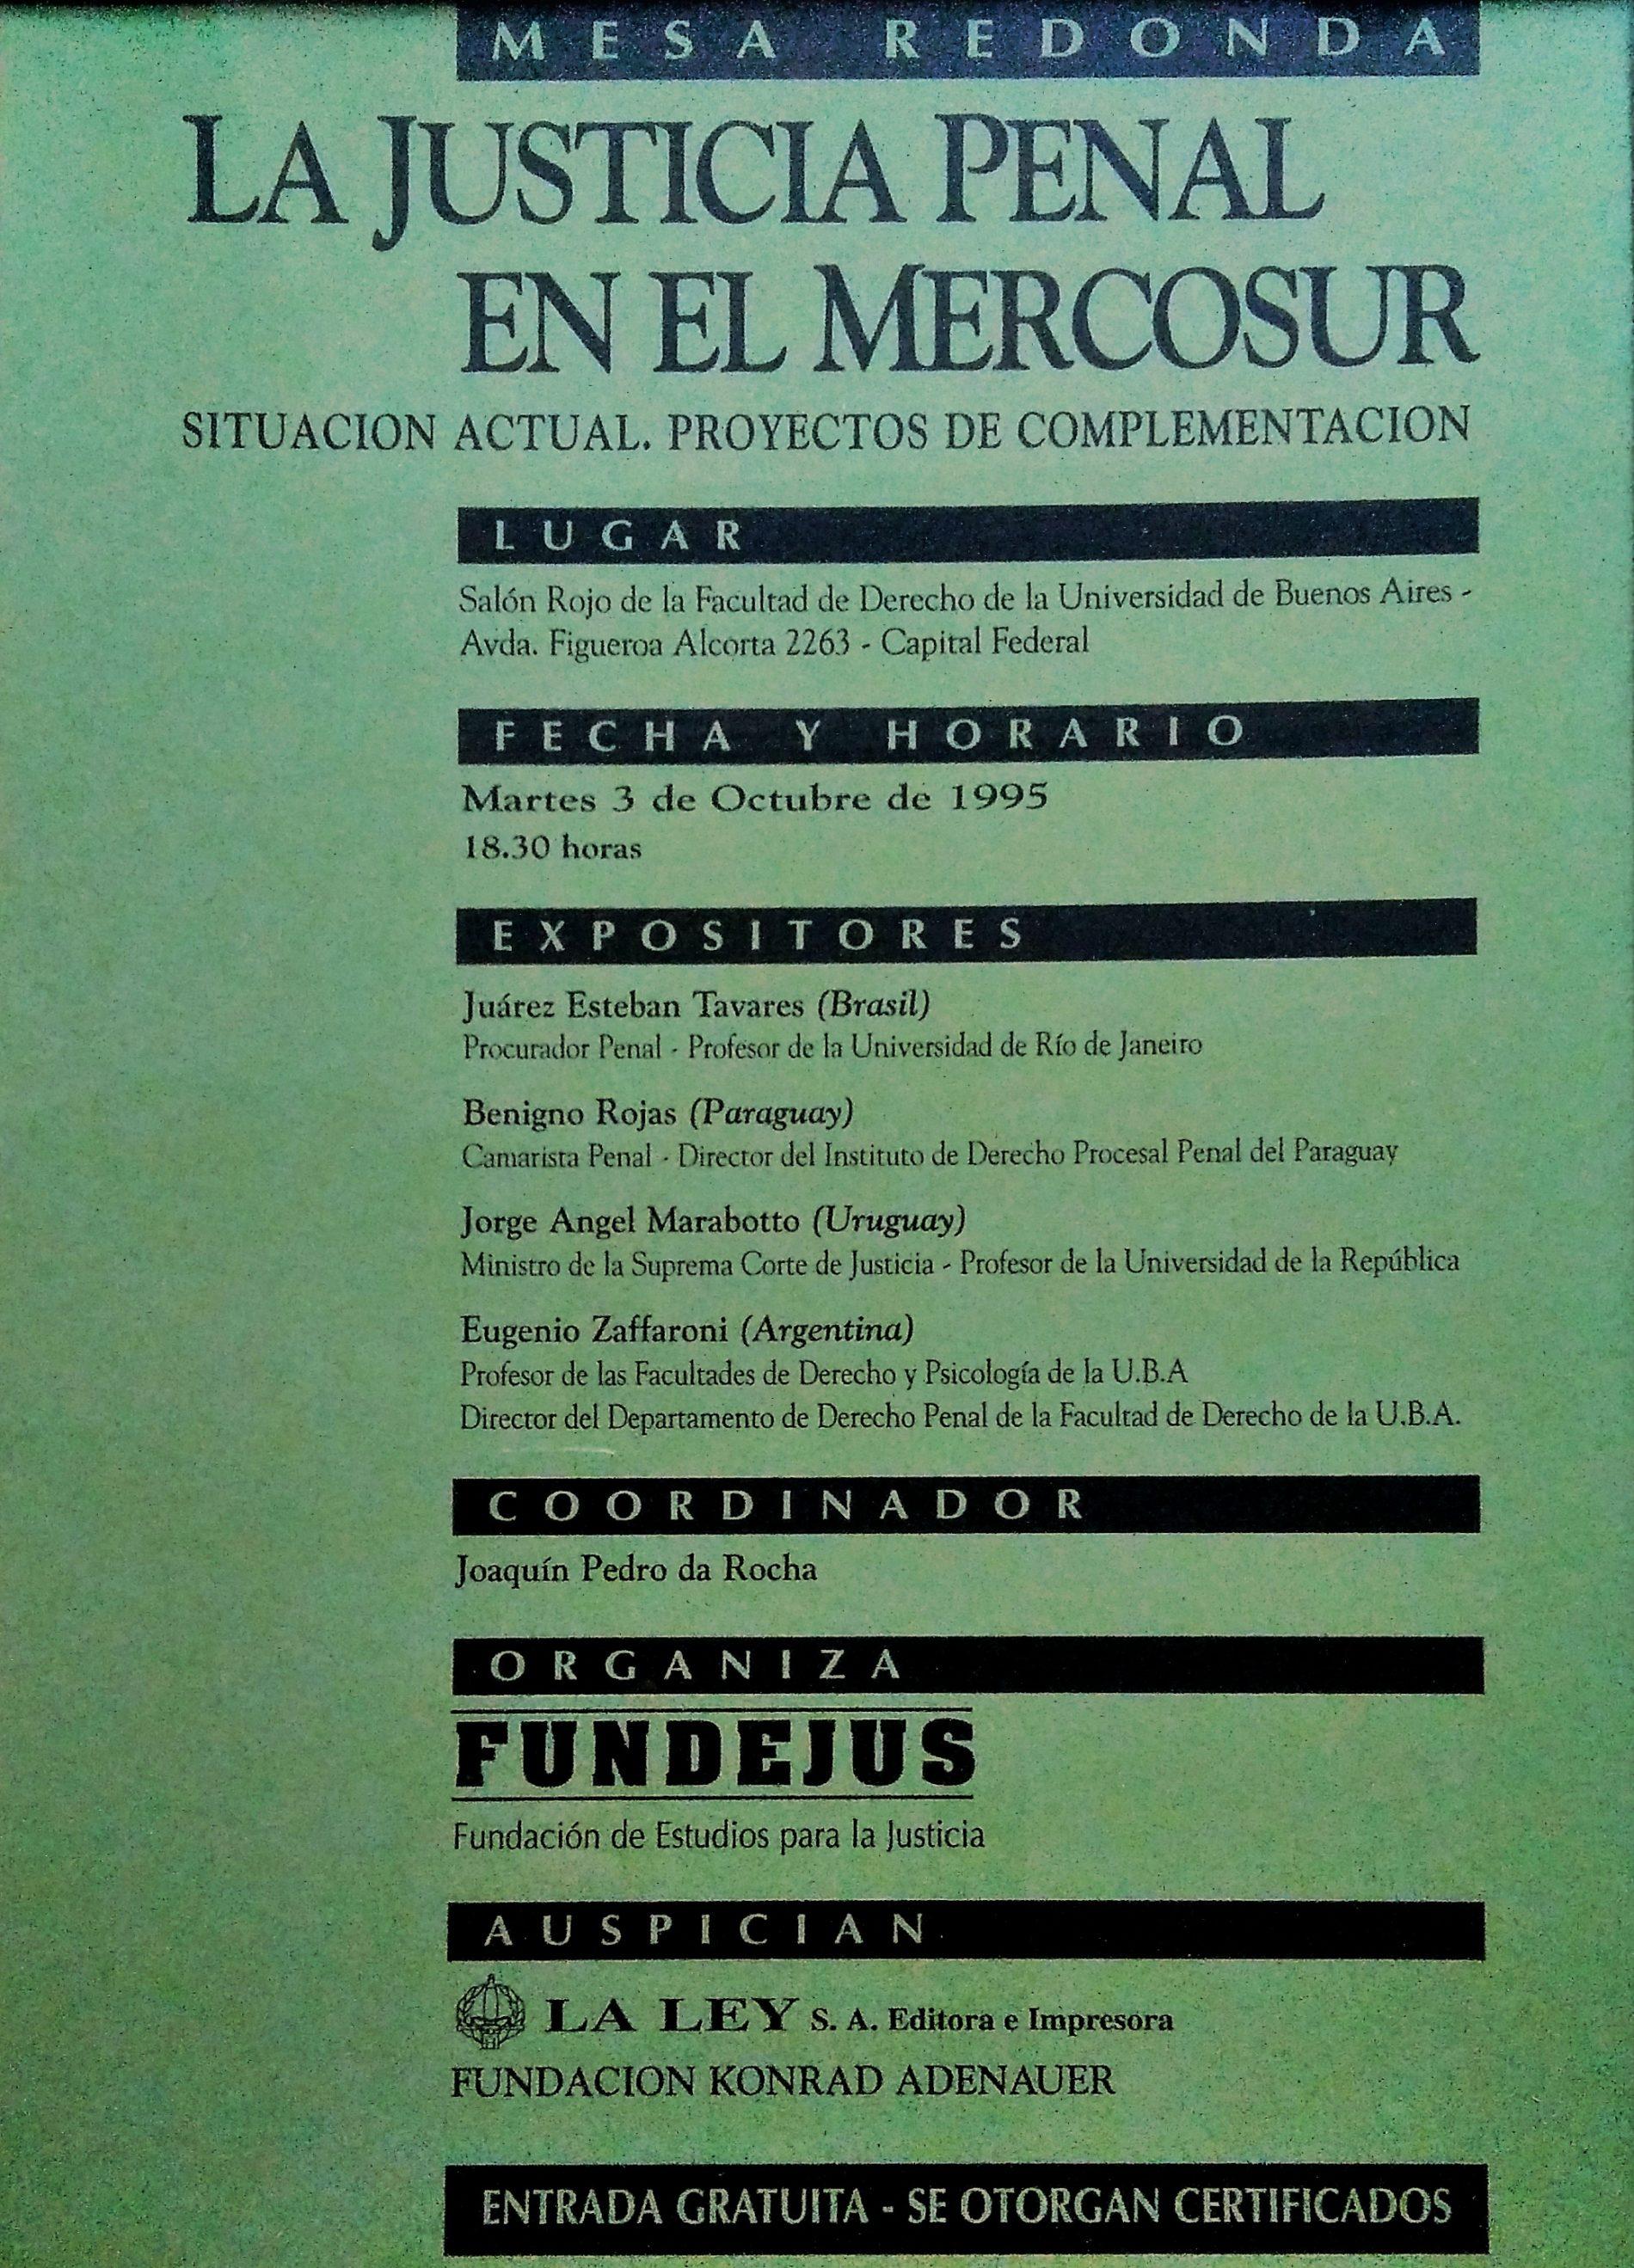 «JUSTICIA PENAL EN EL MERCOSUR. Situación actual. Proyectos de complementación»